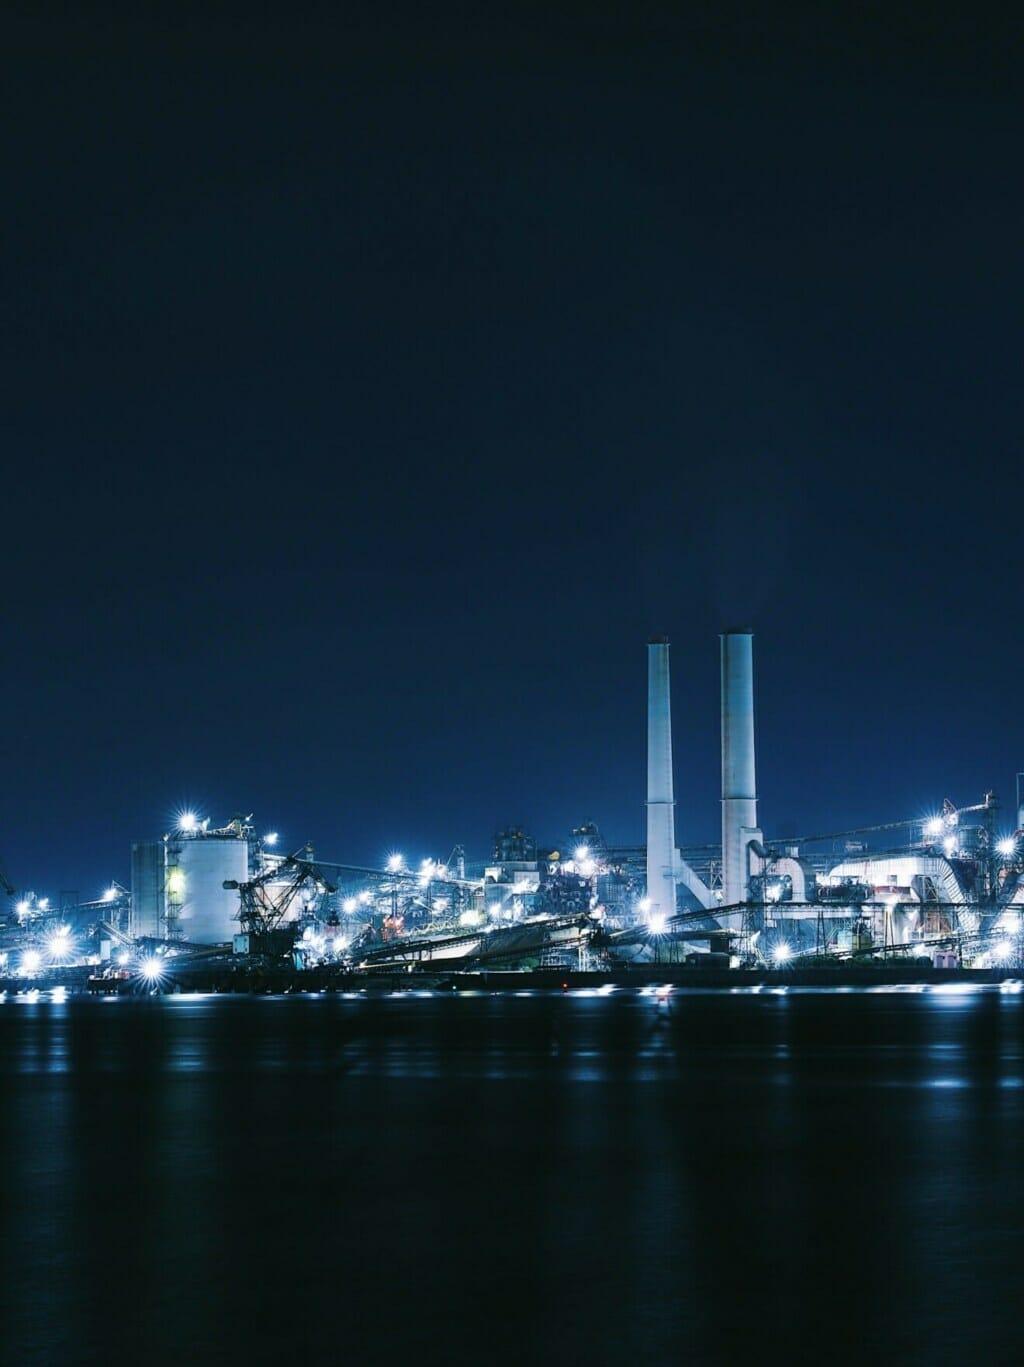 周南市の工場夜景